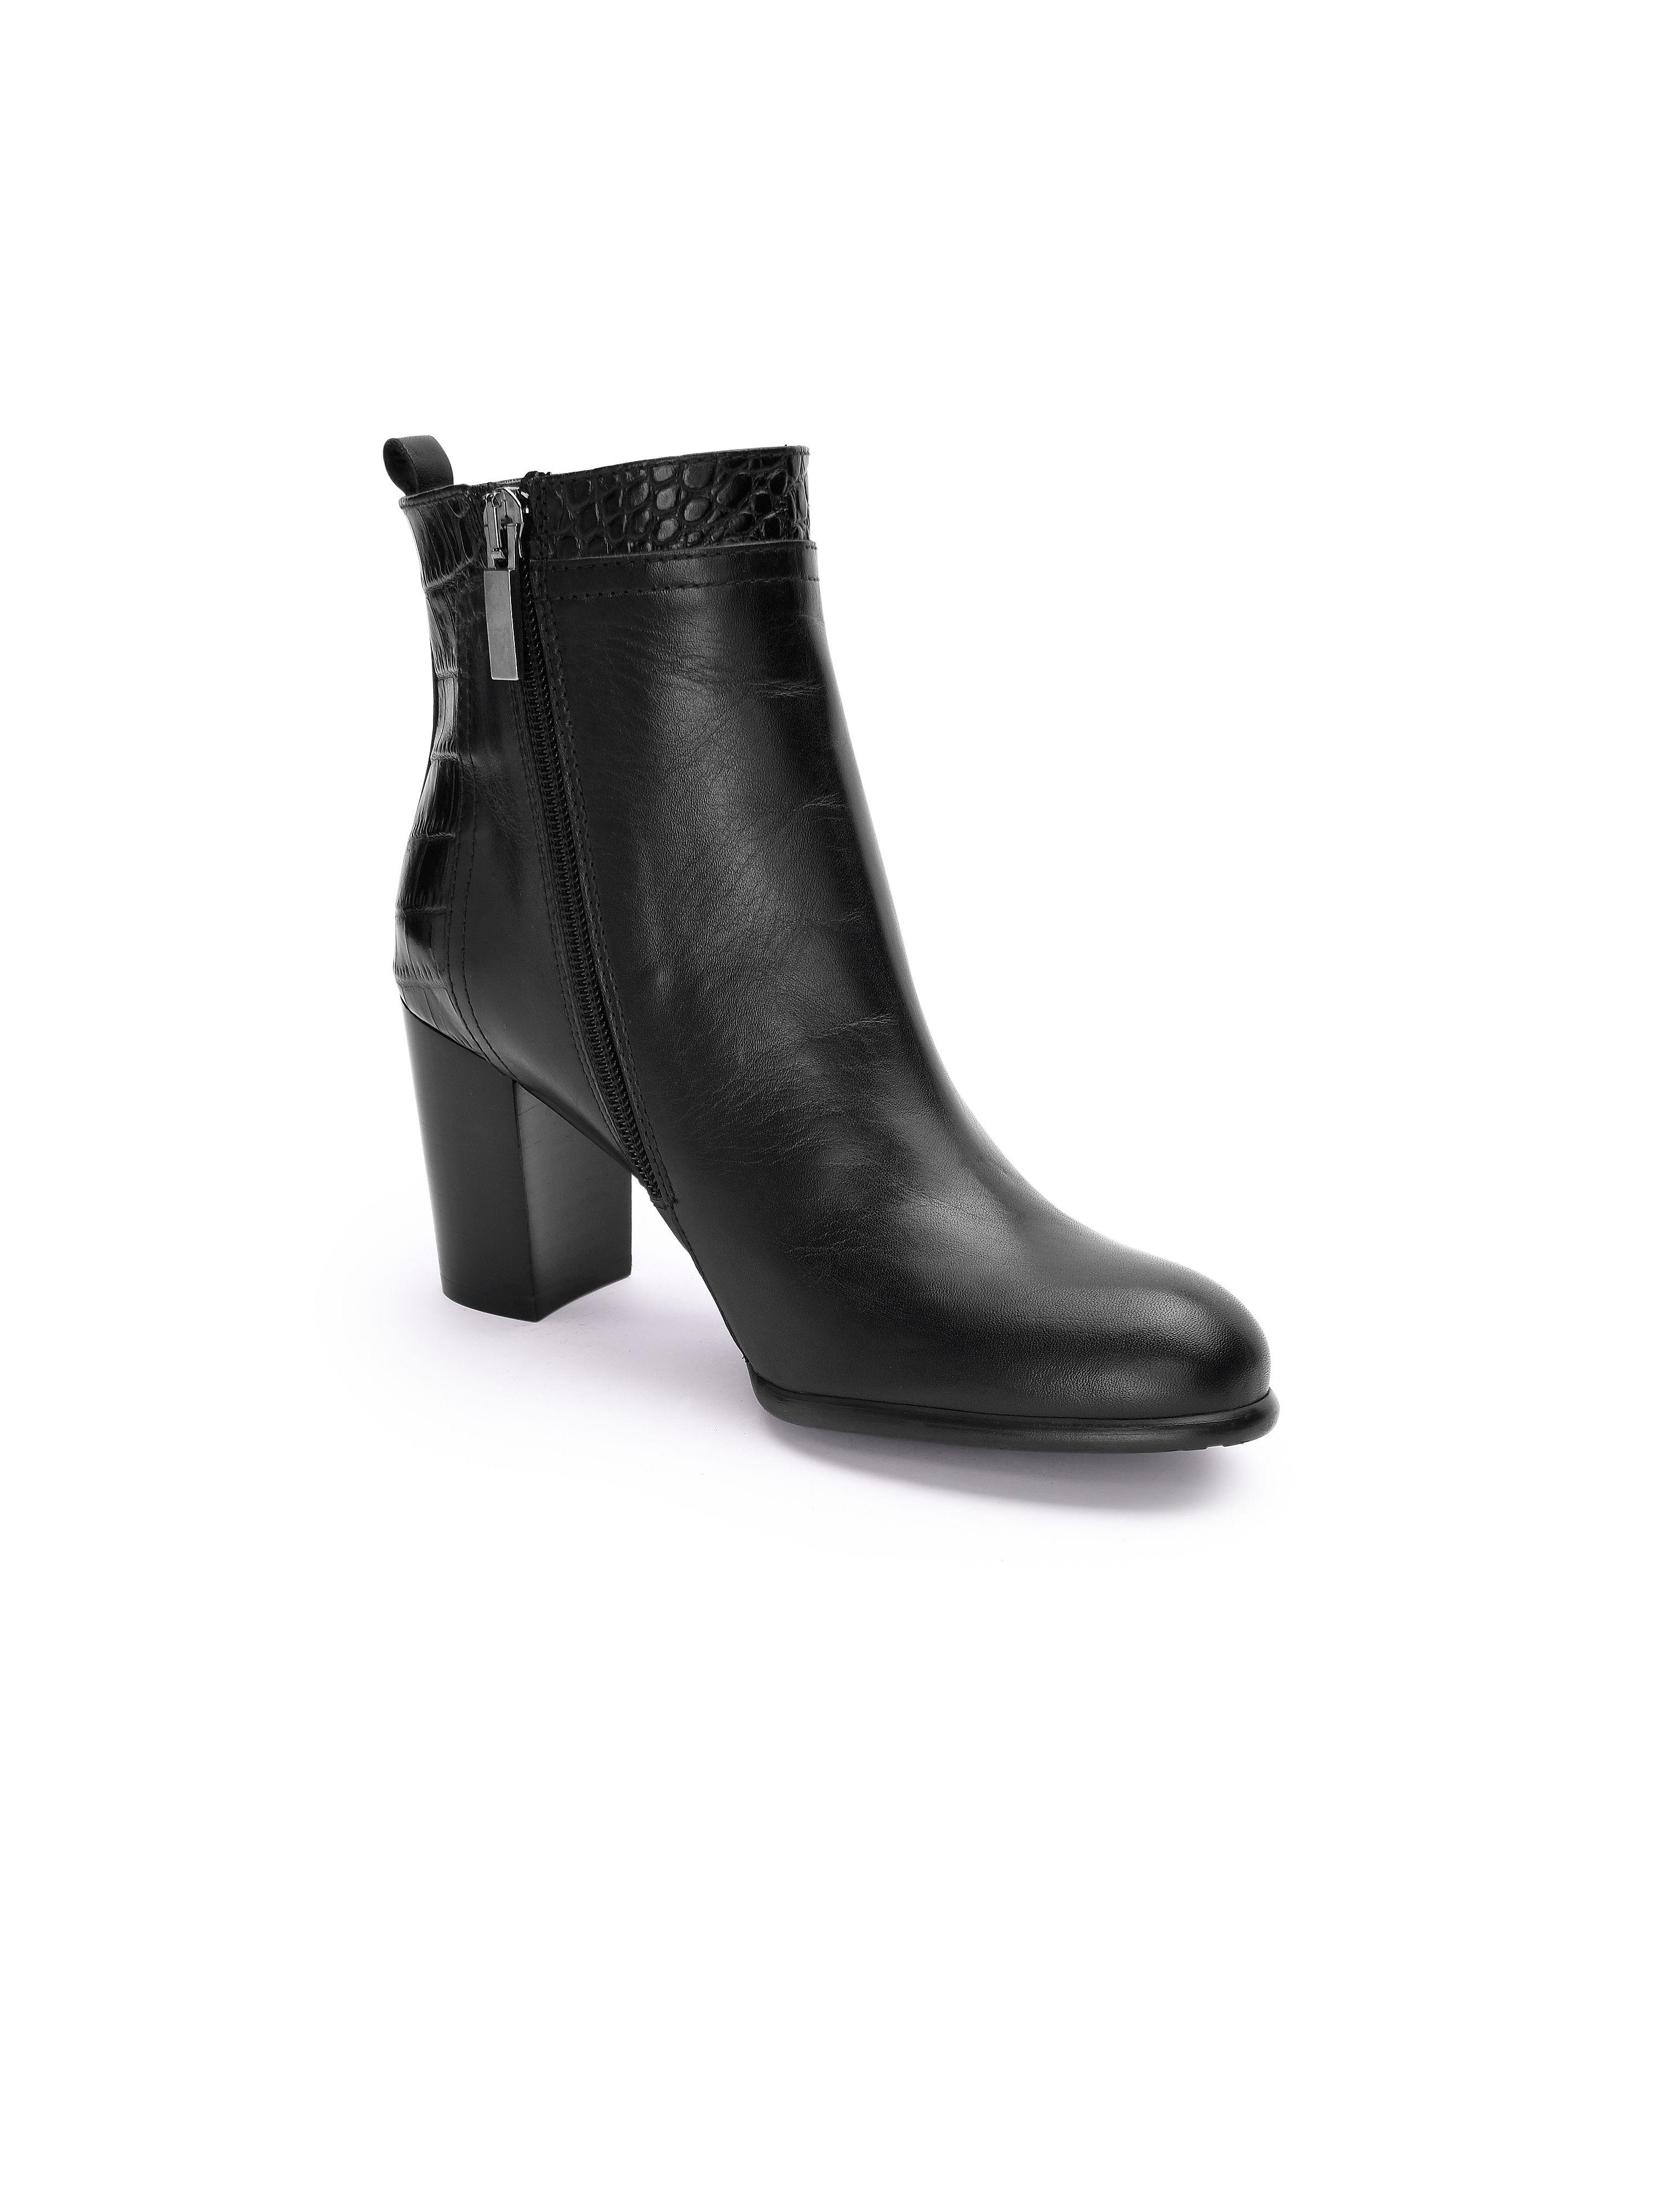 Scarpio - Stiefelette - Schwarz Gute Qualität beliebte Schuhe